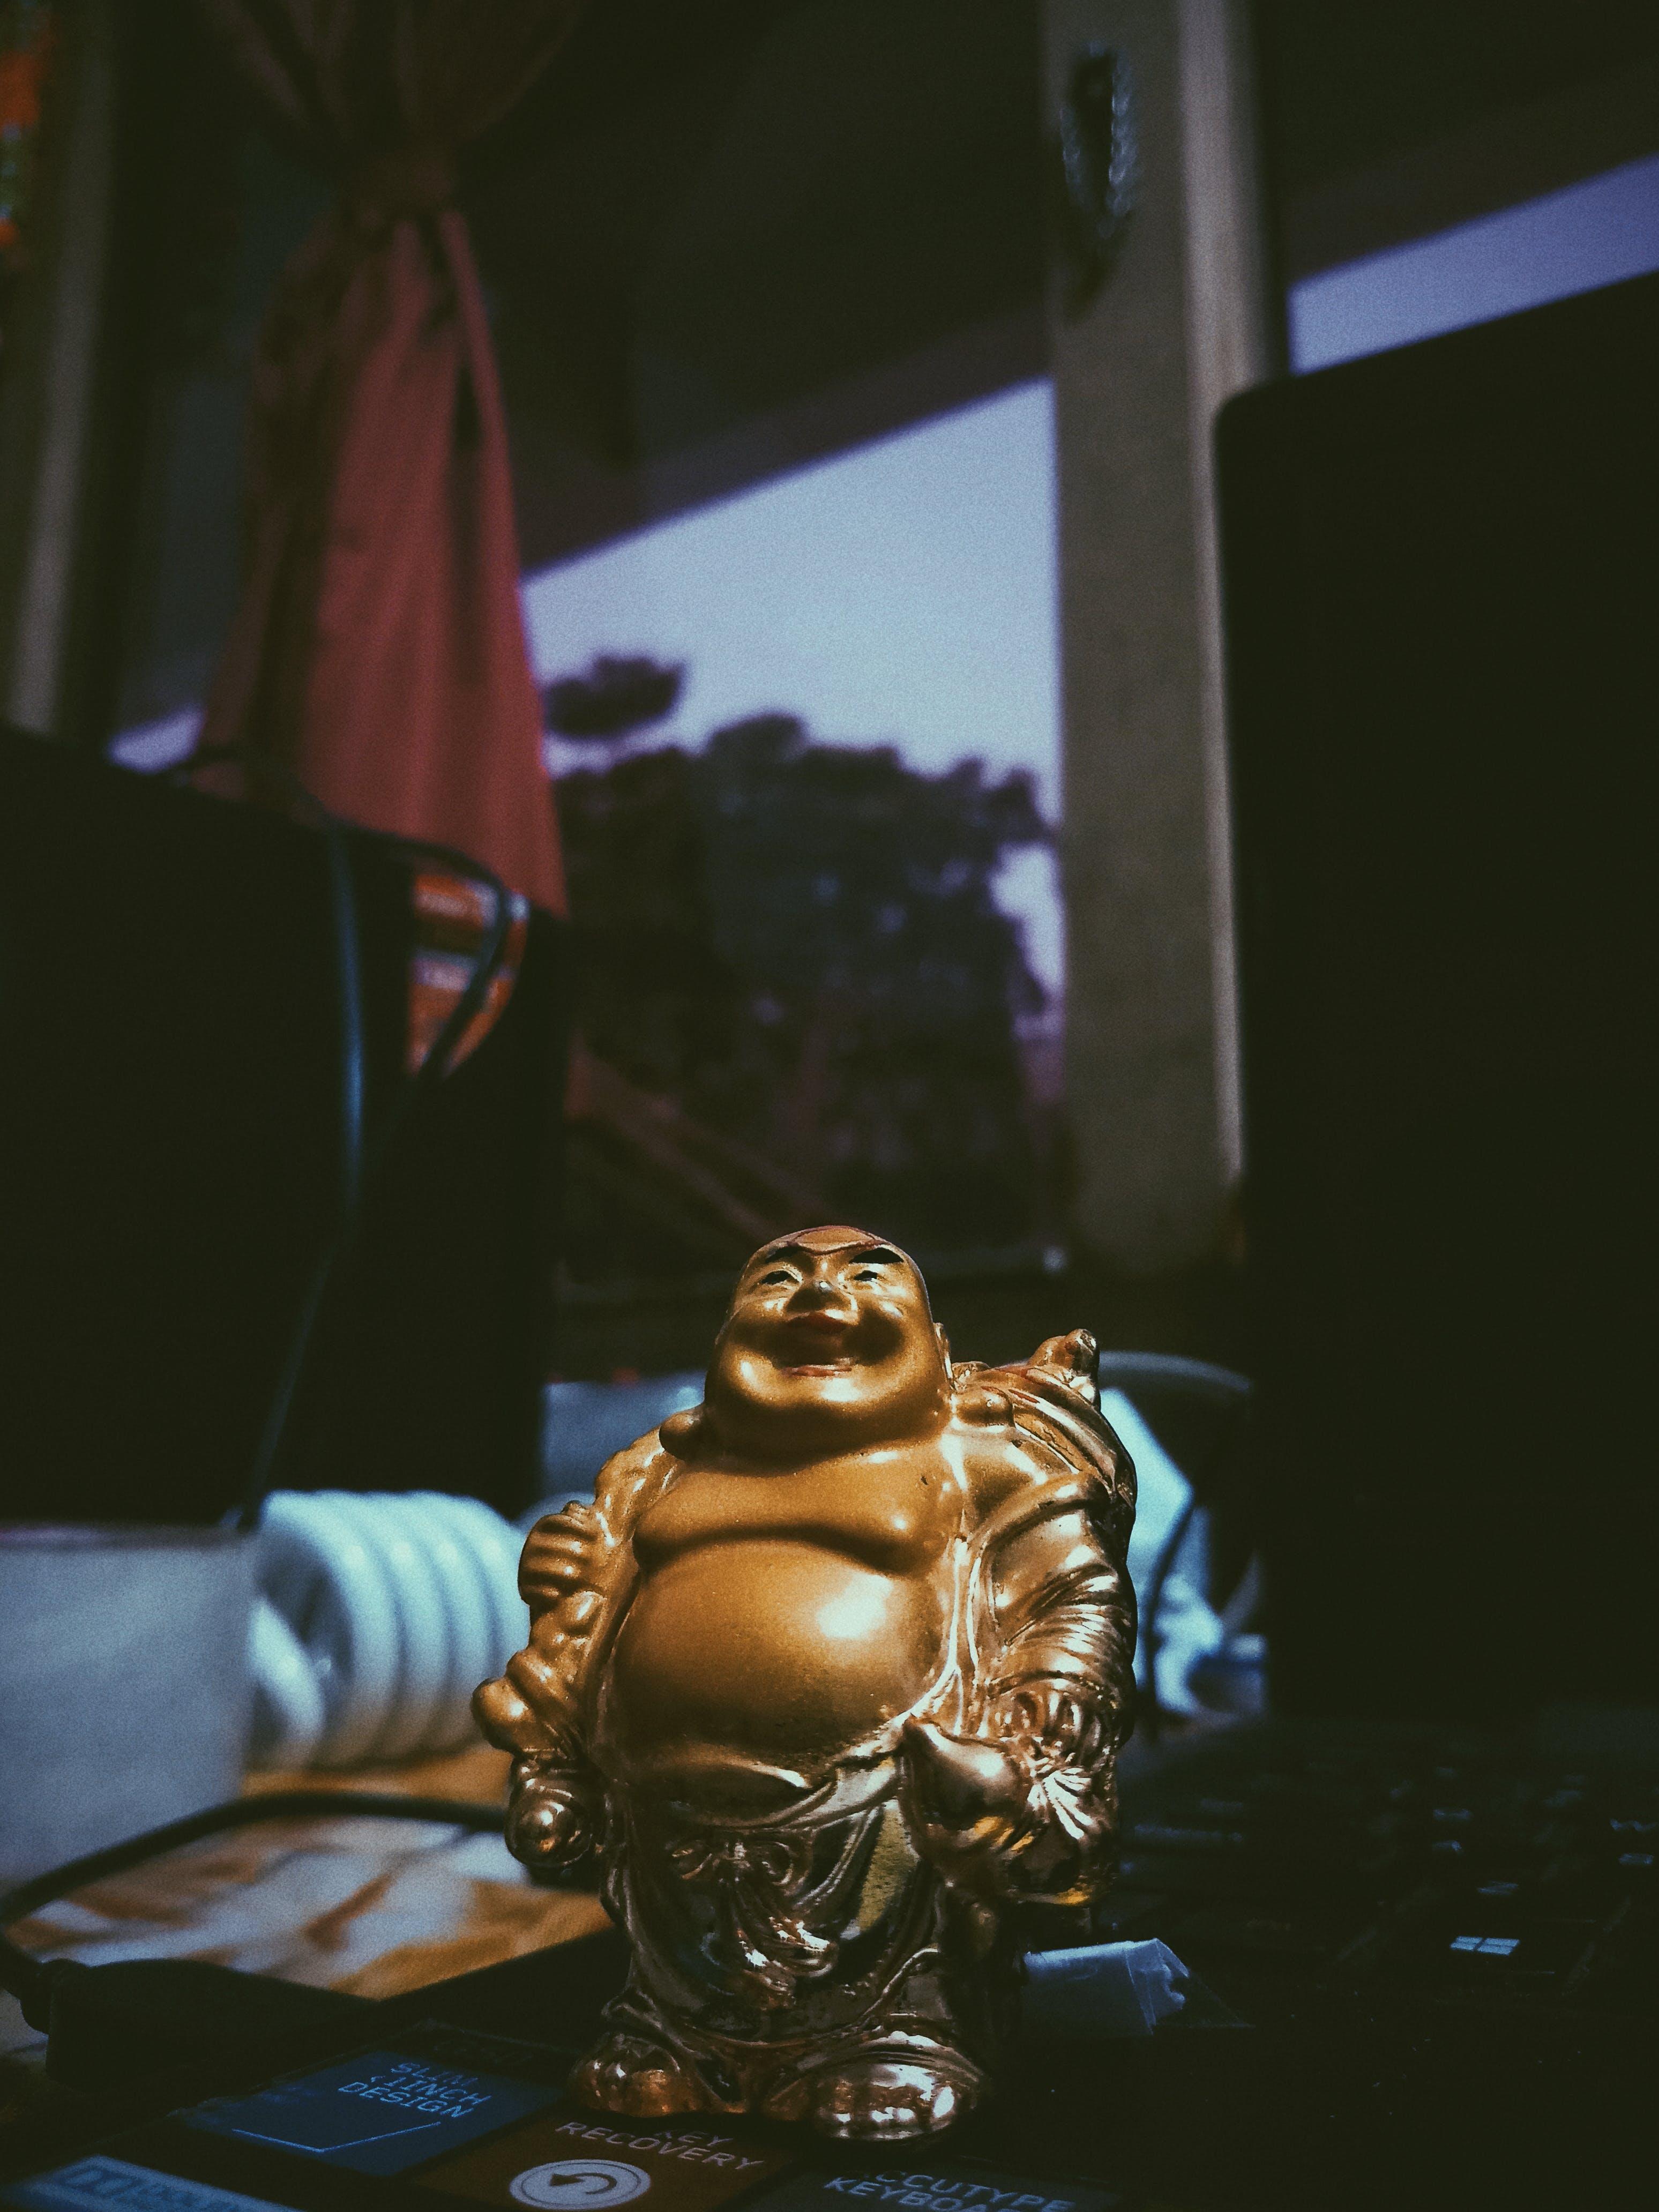 Free stock photo of android, buddha, dark, darkness